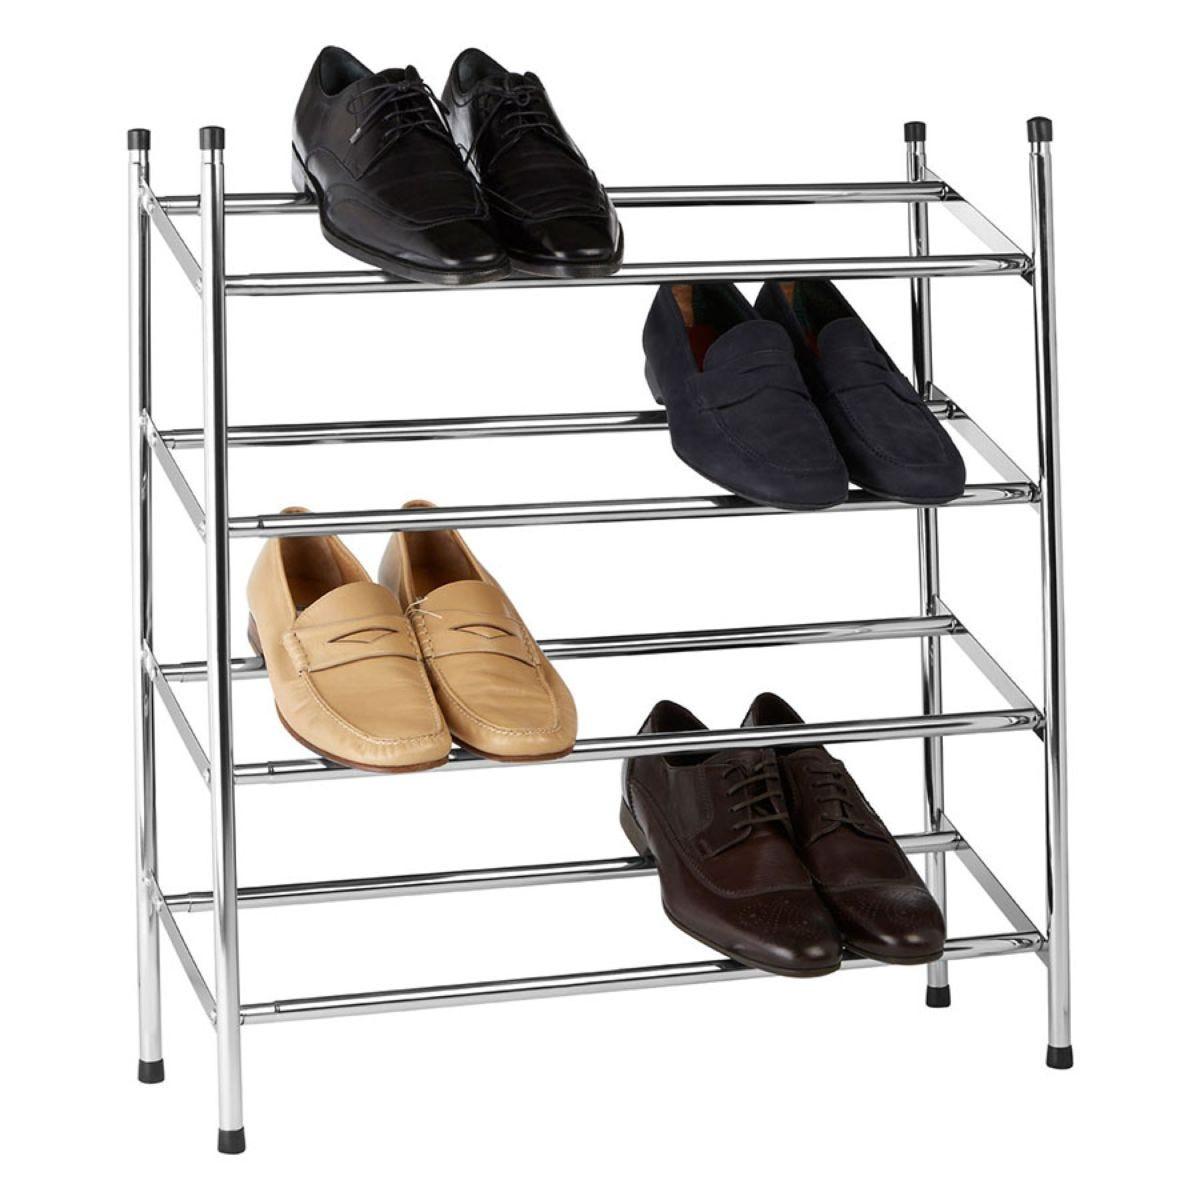 Premier Housewares 4-Tier Extendable Shoe Rack - Chrome